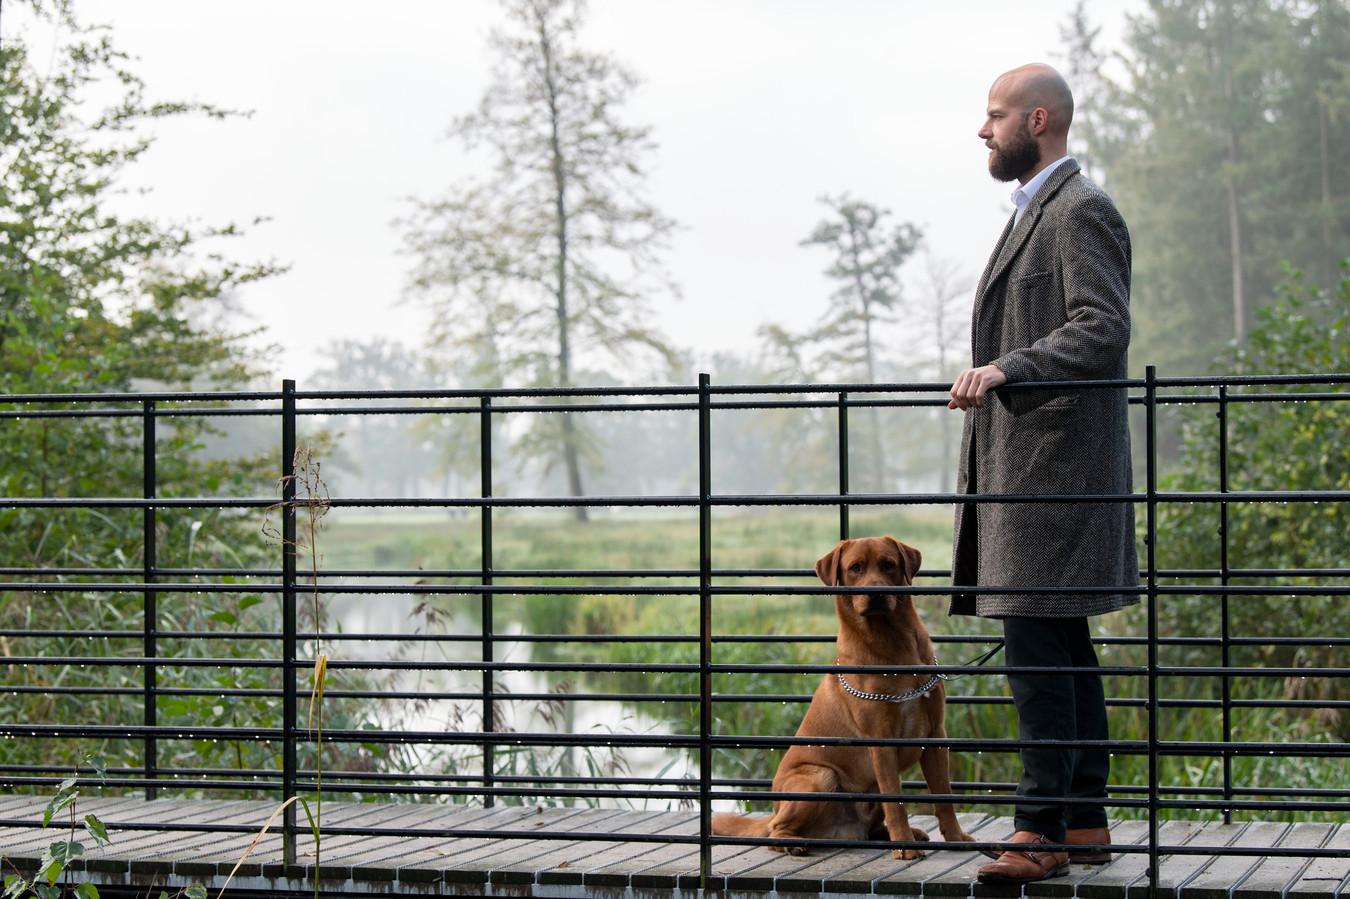 Rentmeester Mooiweer met hond Tibbe.